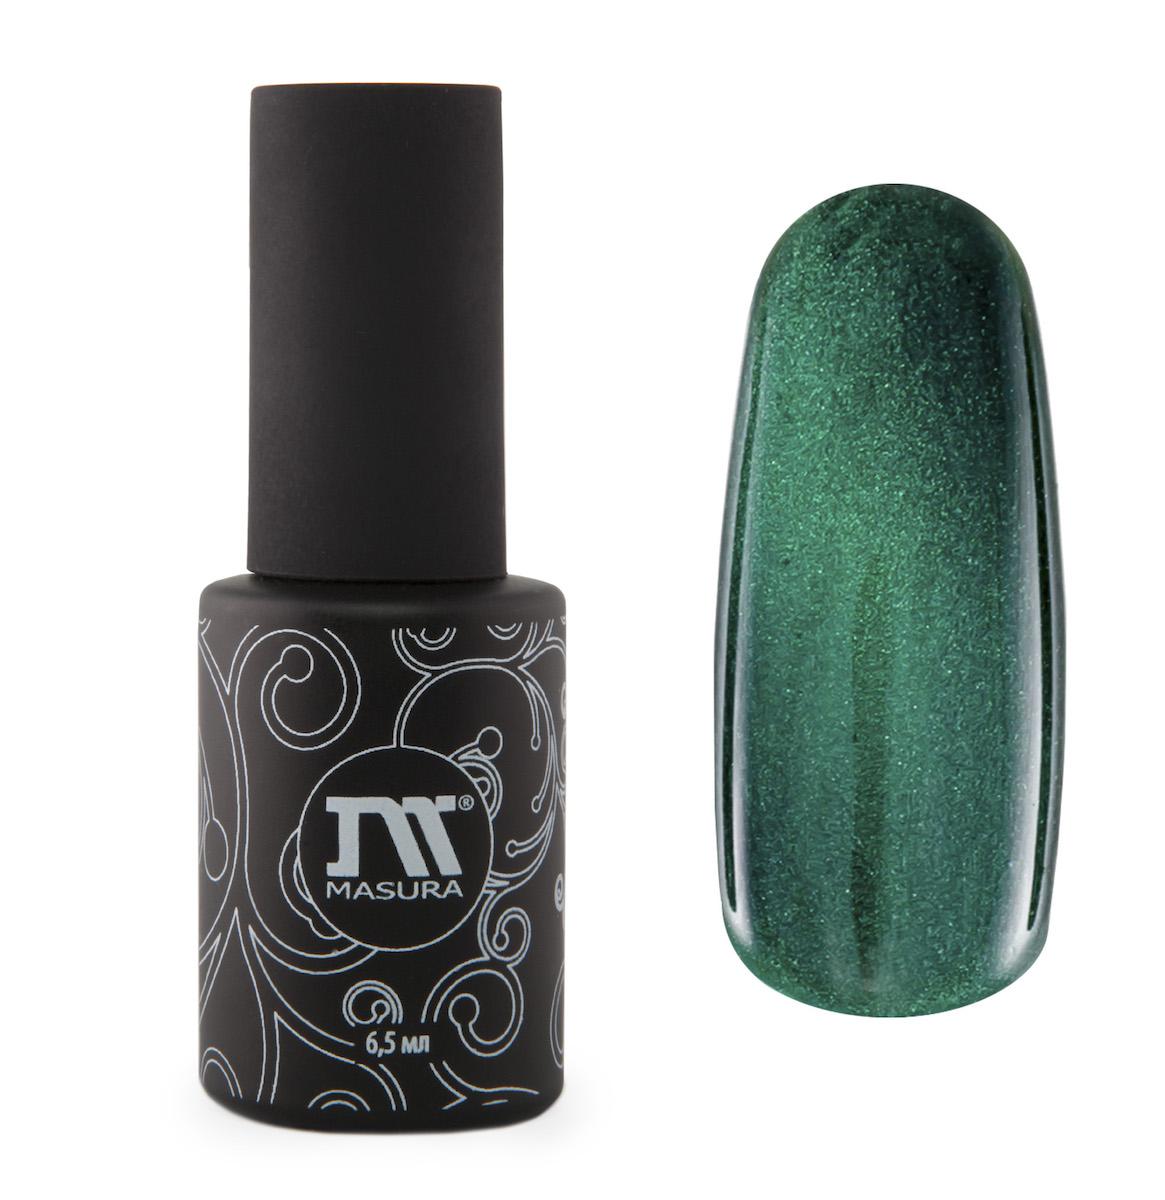 Masura Гель-лак Камея Императрицы, 6,5 мл295-04изумрудно-зеленый с холодным подтоном, с зеркальным переливом, плотный